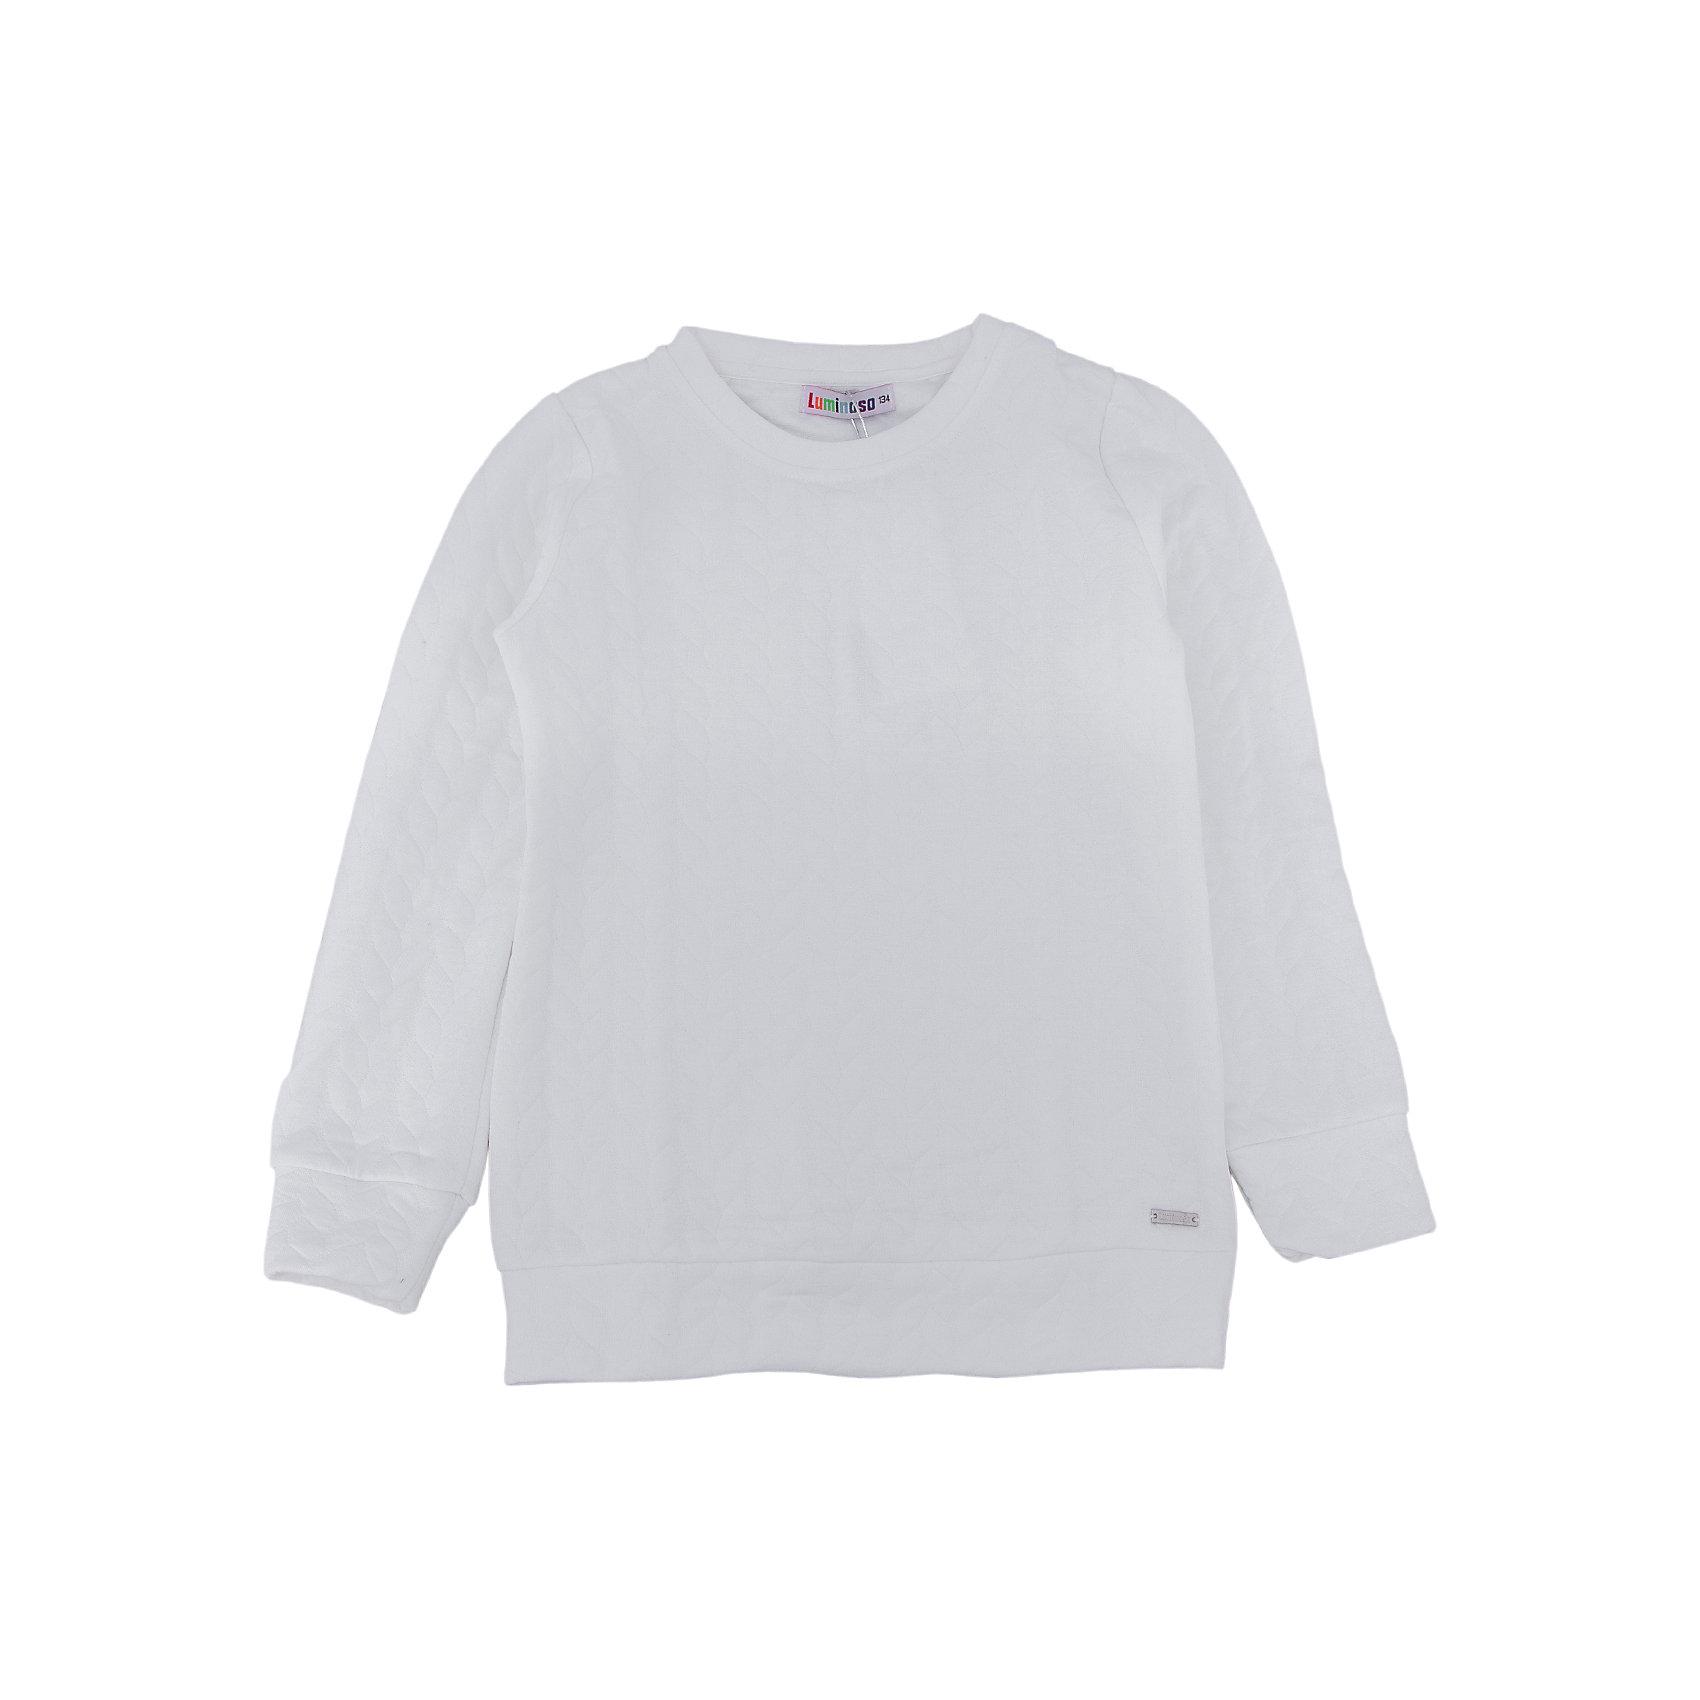 Толстовка для девочки LuminosoХарактеристики товара:<br><br>- цвет: белый;<br>- материал: 60% хлопок, 40% акрил;<br>- плотный фактурный трикотаж;<br>- длинный рукав;<br>- округлый горловой вырез.<br><br>Стильная одежда от бренда Luminoso (Люминосо), созданная при участии итальянских дизайнеров, учитывает потребности подростков и последние веяния моды. Она удобная и модная.<br>Эта стильная толстовка идеальна для прохладной погоды. Он хорошо сидит на ребенке, обеспечивает комфорт и отлично сочетается с одежной разных стилей. Модель отличается высоким качеством материала и продуманным дизайном.<br><br>Толстовку для девочки от бренда Luminoso (Люминосо) можно купить в нашем интернет-магазине.<br><br>Ширина мм: 190<br>Глубина мм: 74<br>Высота мм: 229<br>Вес г: 236<br>Цвет: белый<br>Возраст от месяцев: 96<br>Возраст до месяцев: 108<br>Пол: Женский<br>Возраст: Детский<br>Размер: 134,164,158,140,152,146<br>SKU: 4929500